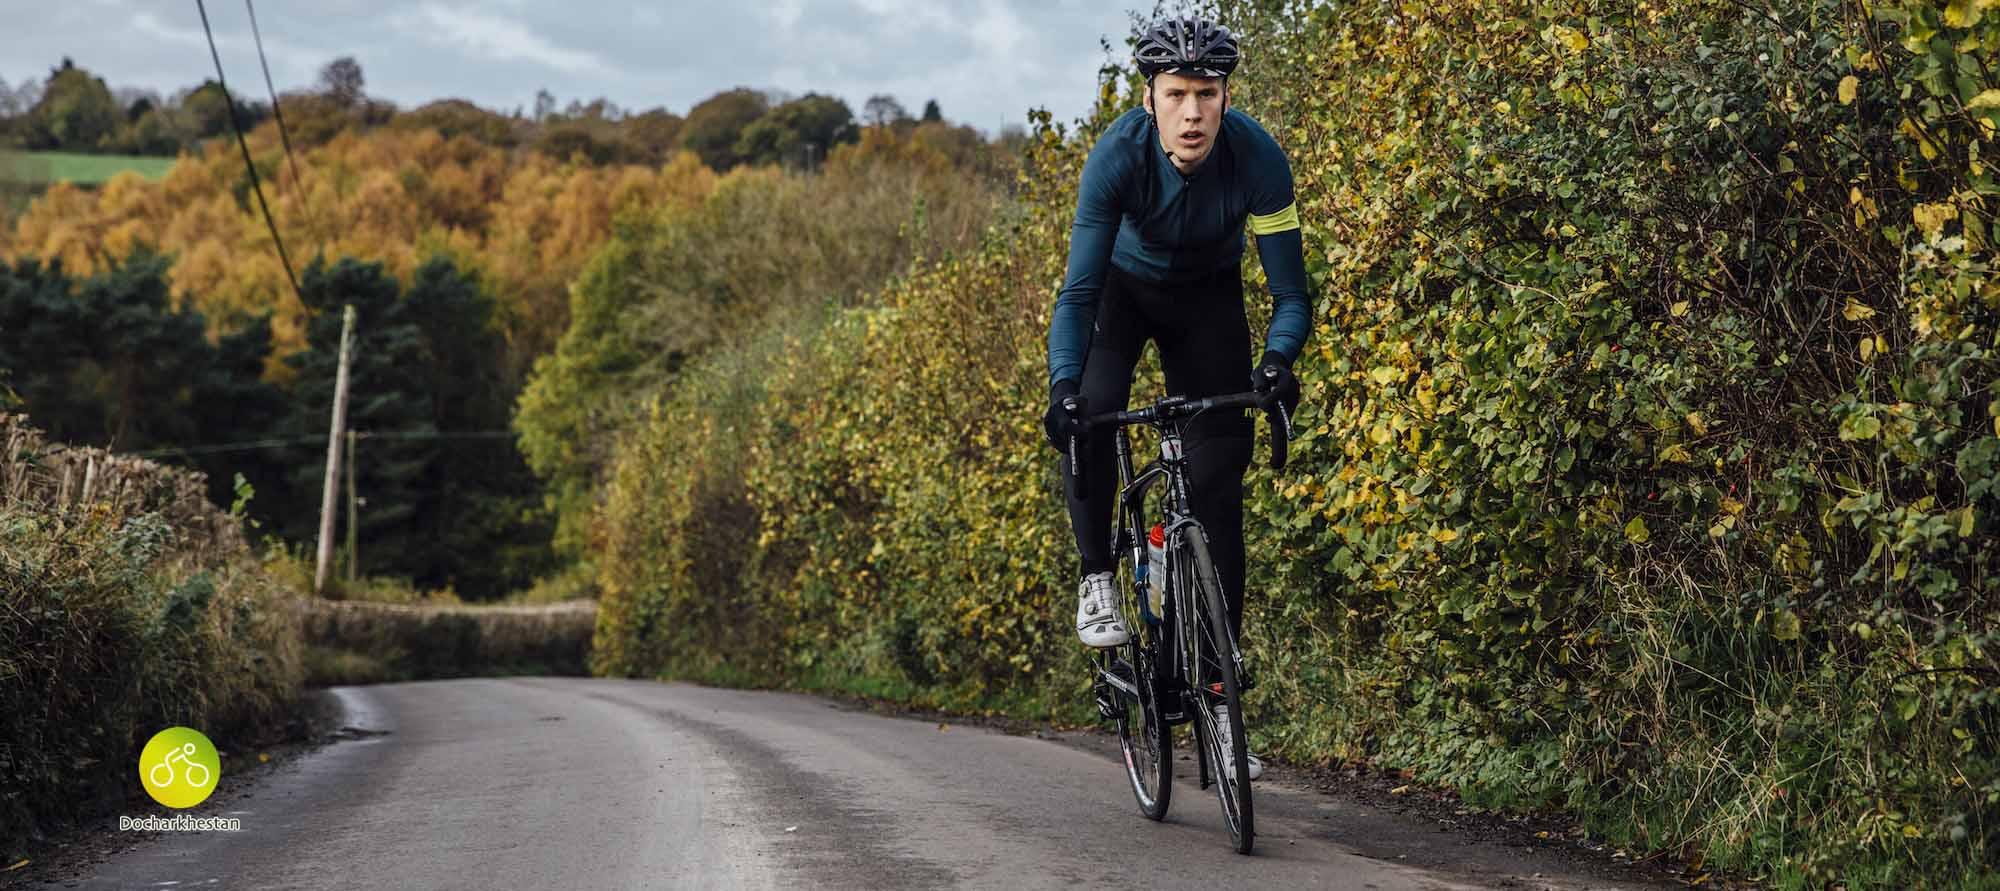 لباس دوچرخه سواری ارزان